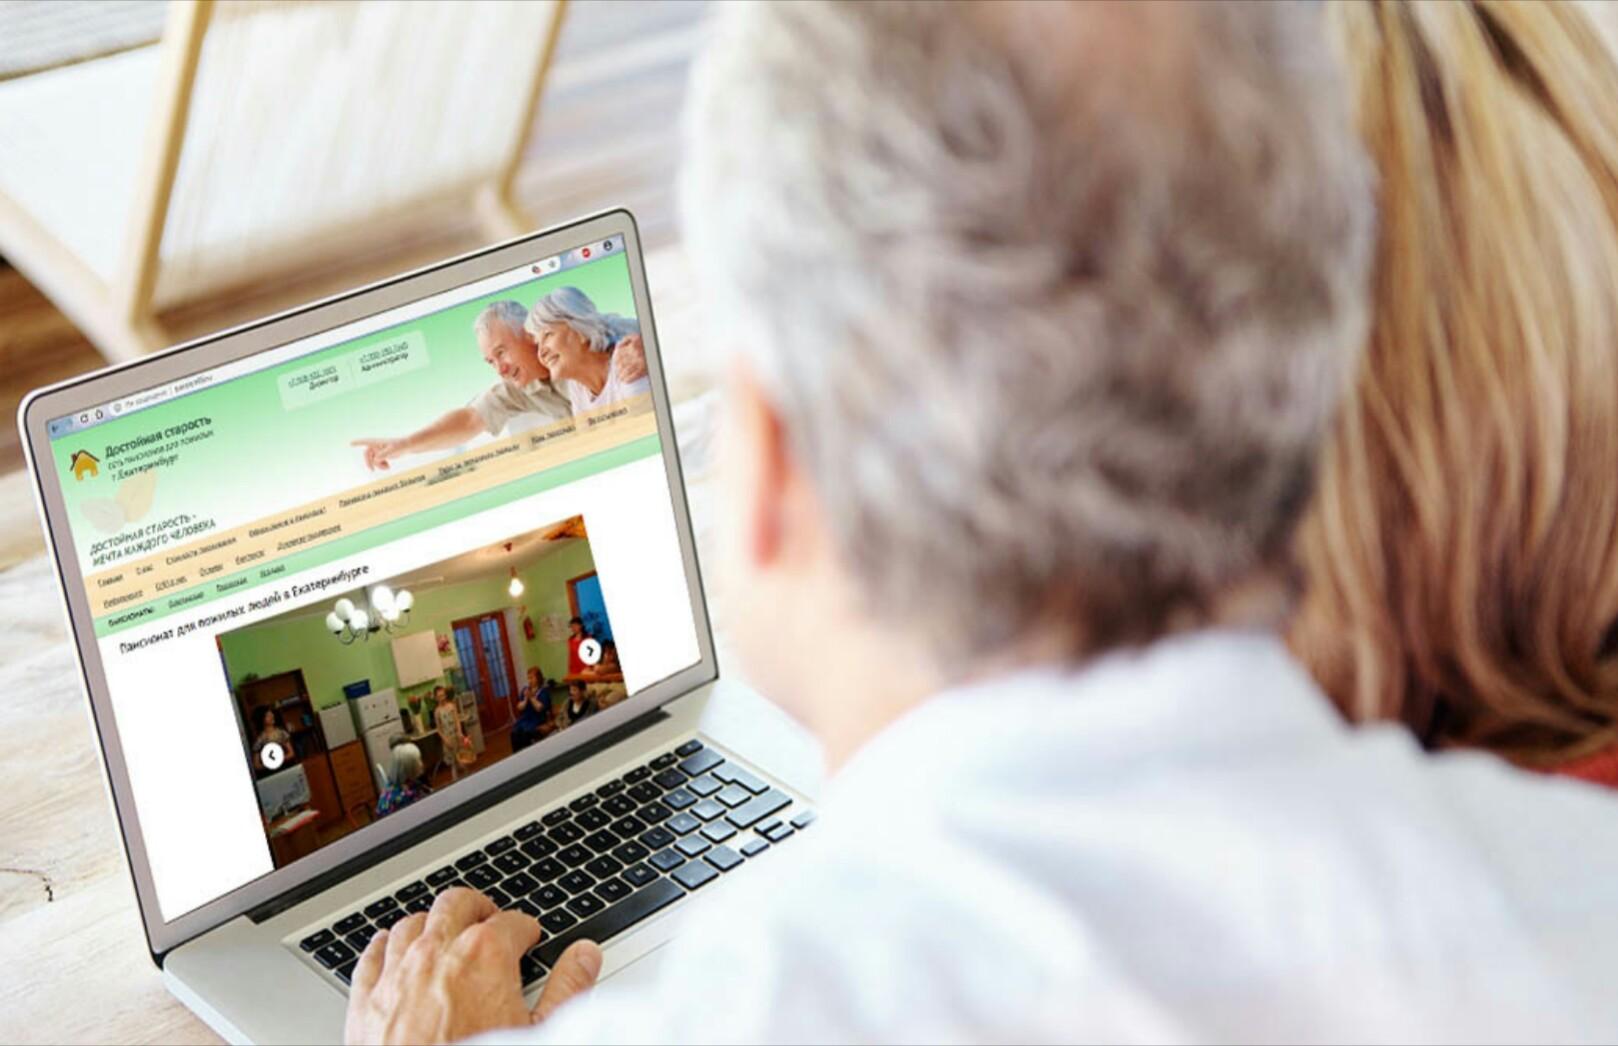 Пансионат для пожилых людей в Екатеринбурге  2   в сети пансионатов для пожилых «Достойная старость».